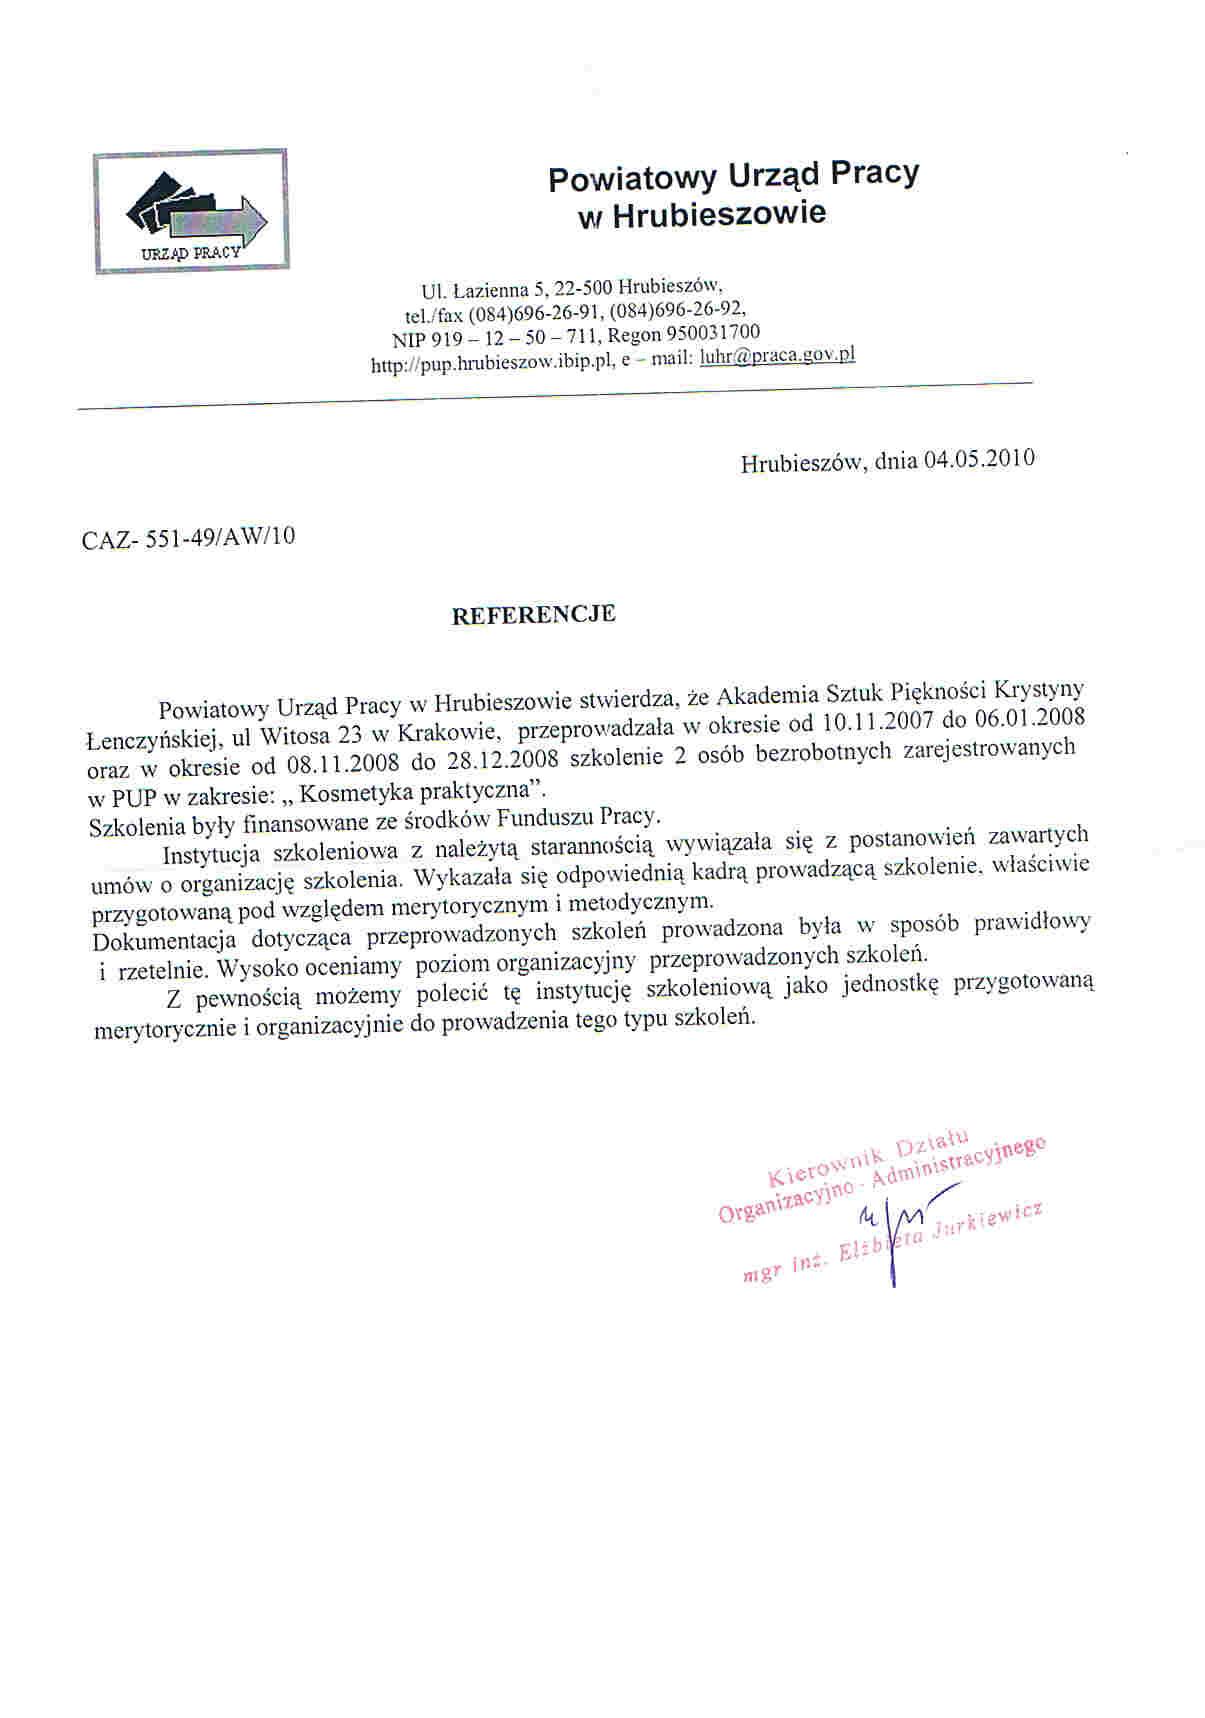 Powiatowy Urząd Pracy w Hrubieszowie-Hrubieszów